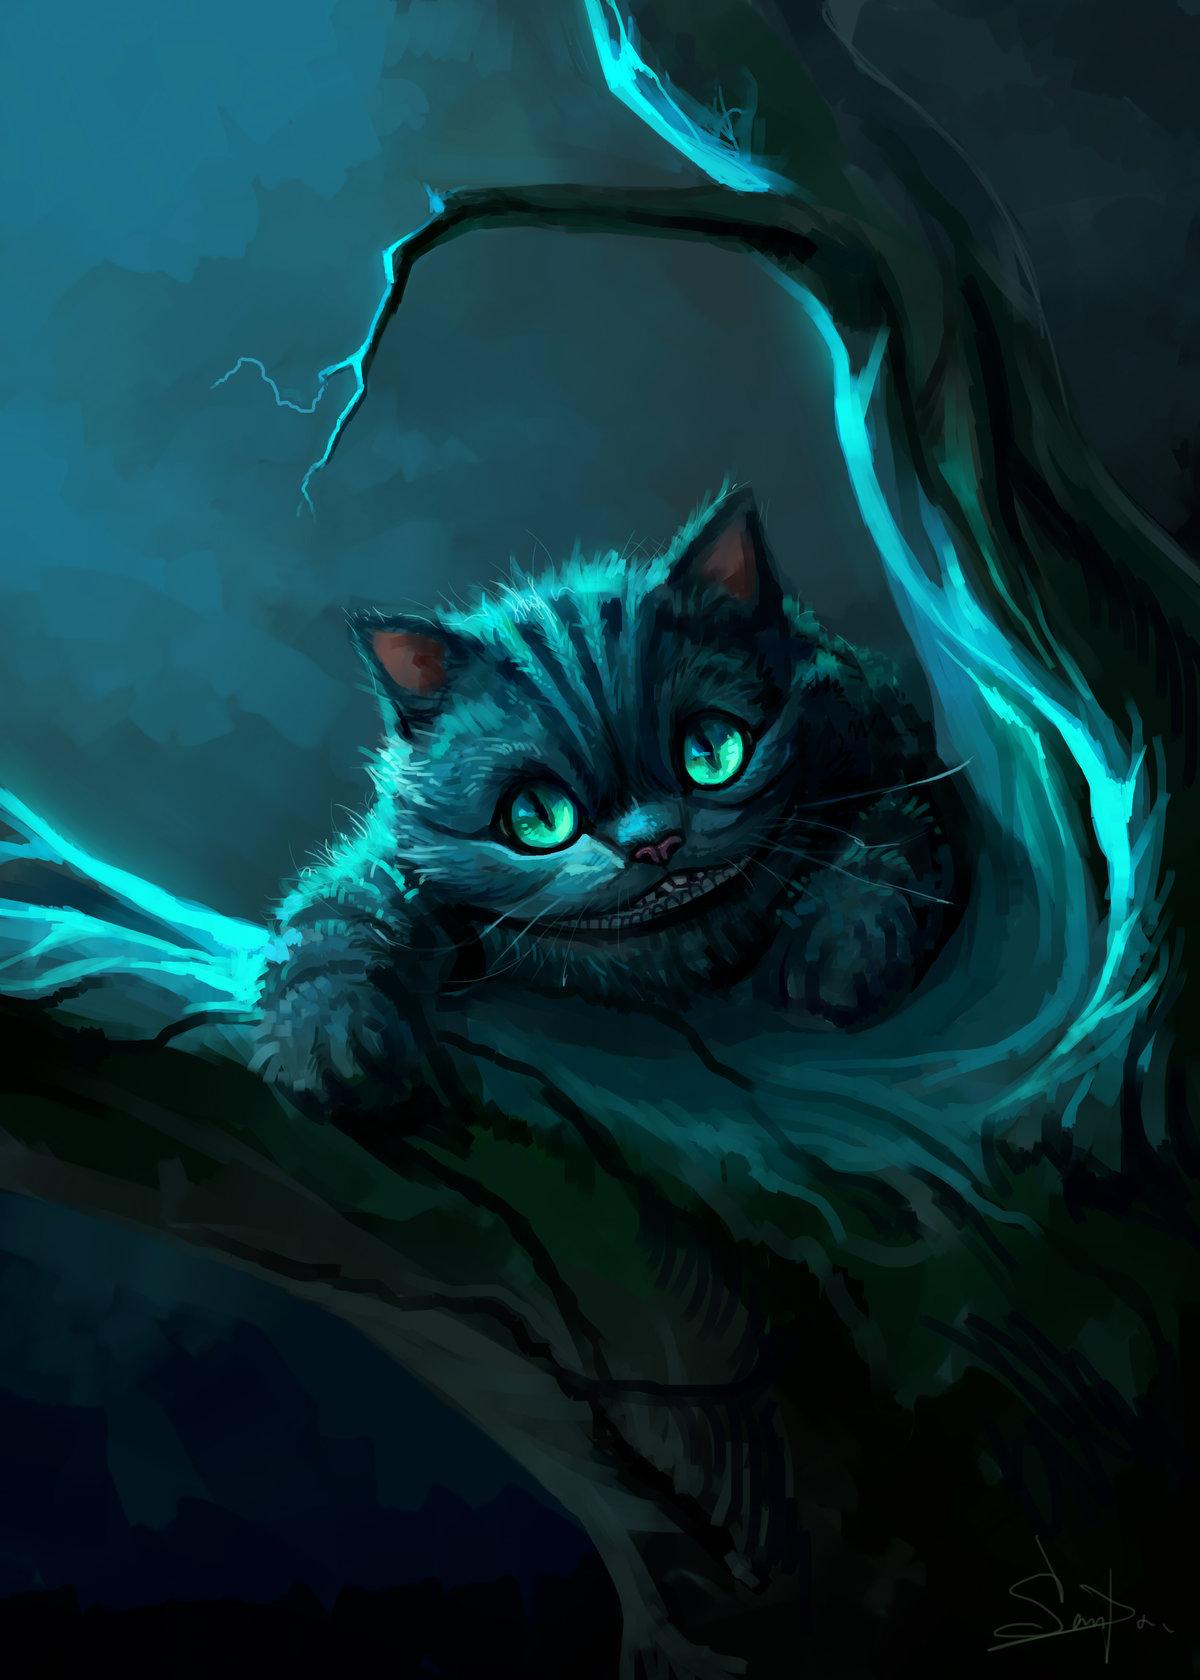 чеширский кот картинка вертикальная пластиковые накладки для